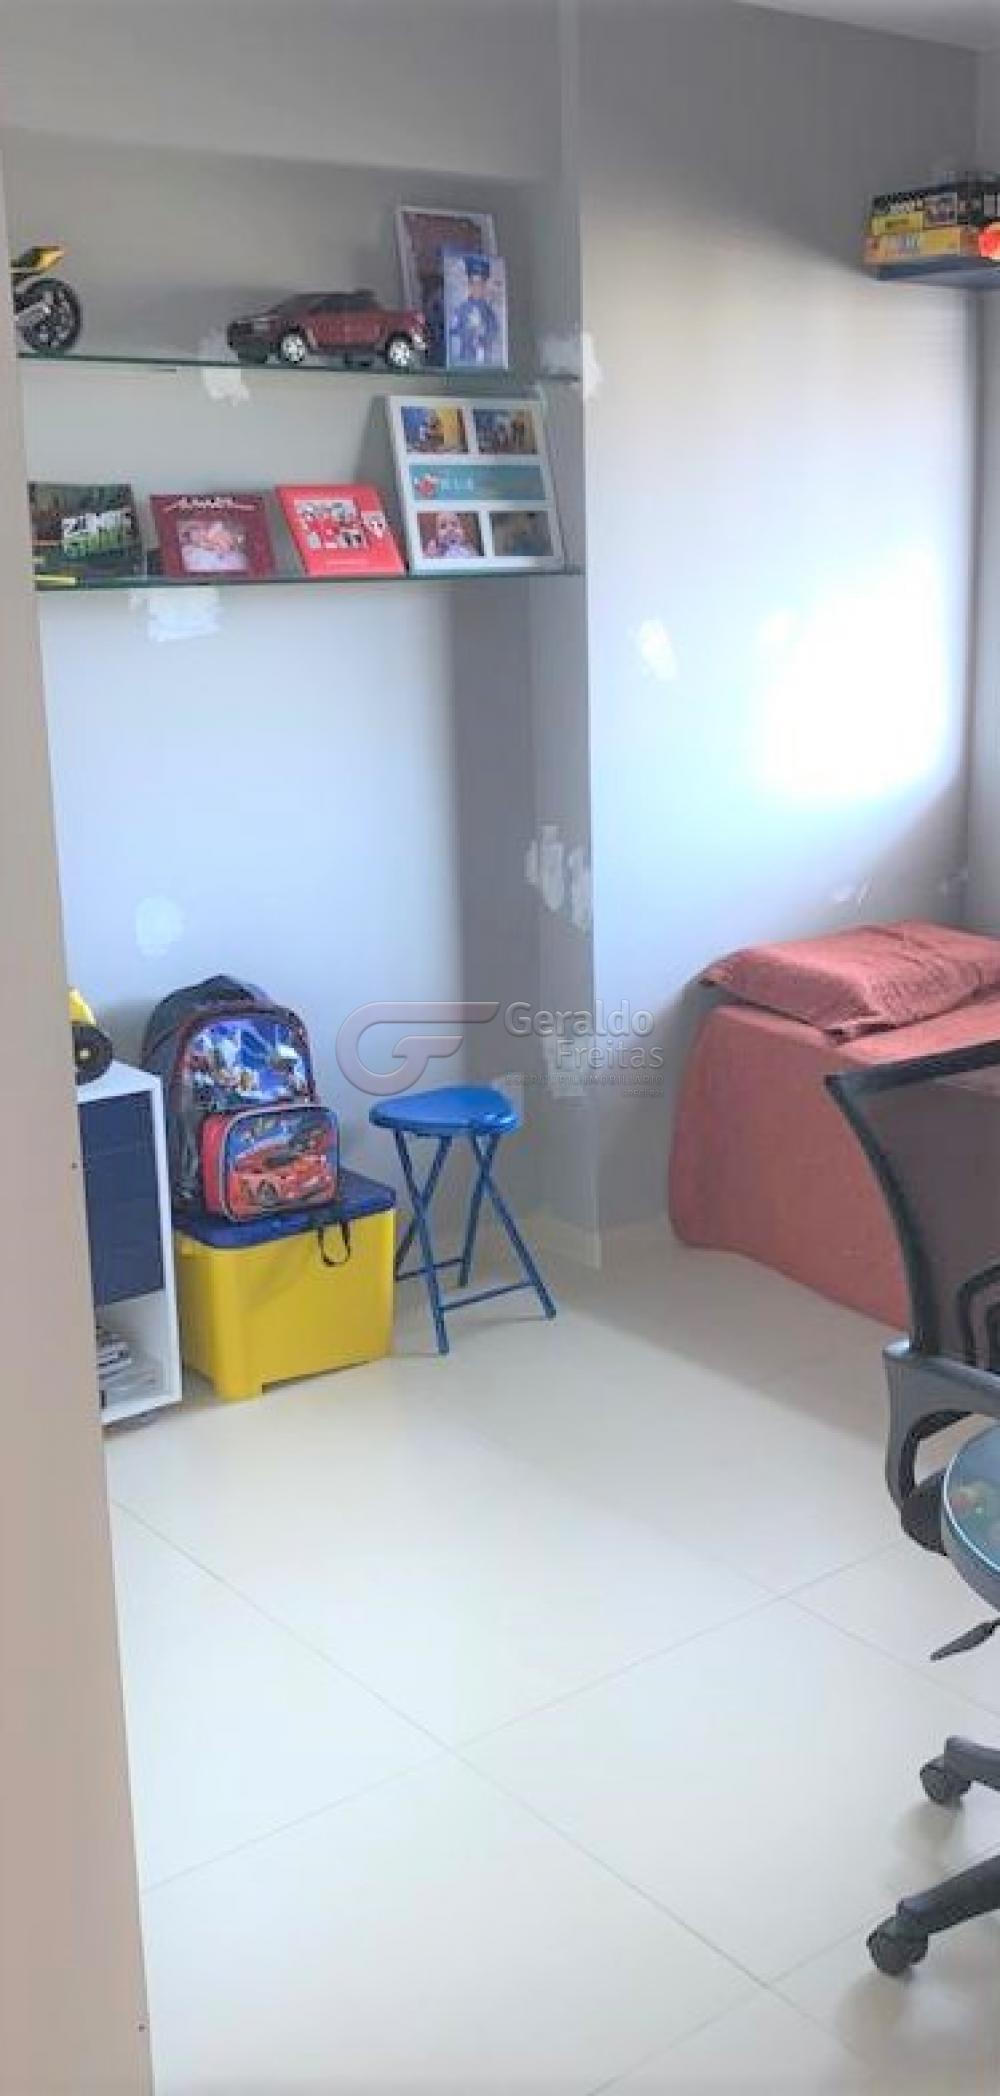 Comprar Apartamentos / Padrão em Maceió R$ 760.000,00 - Foto 4